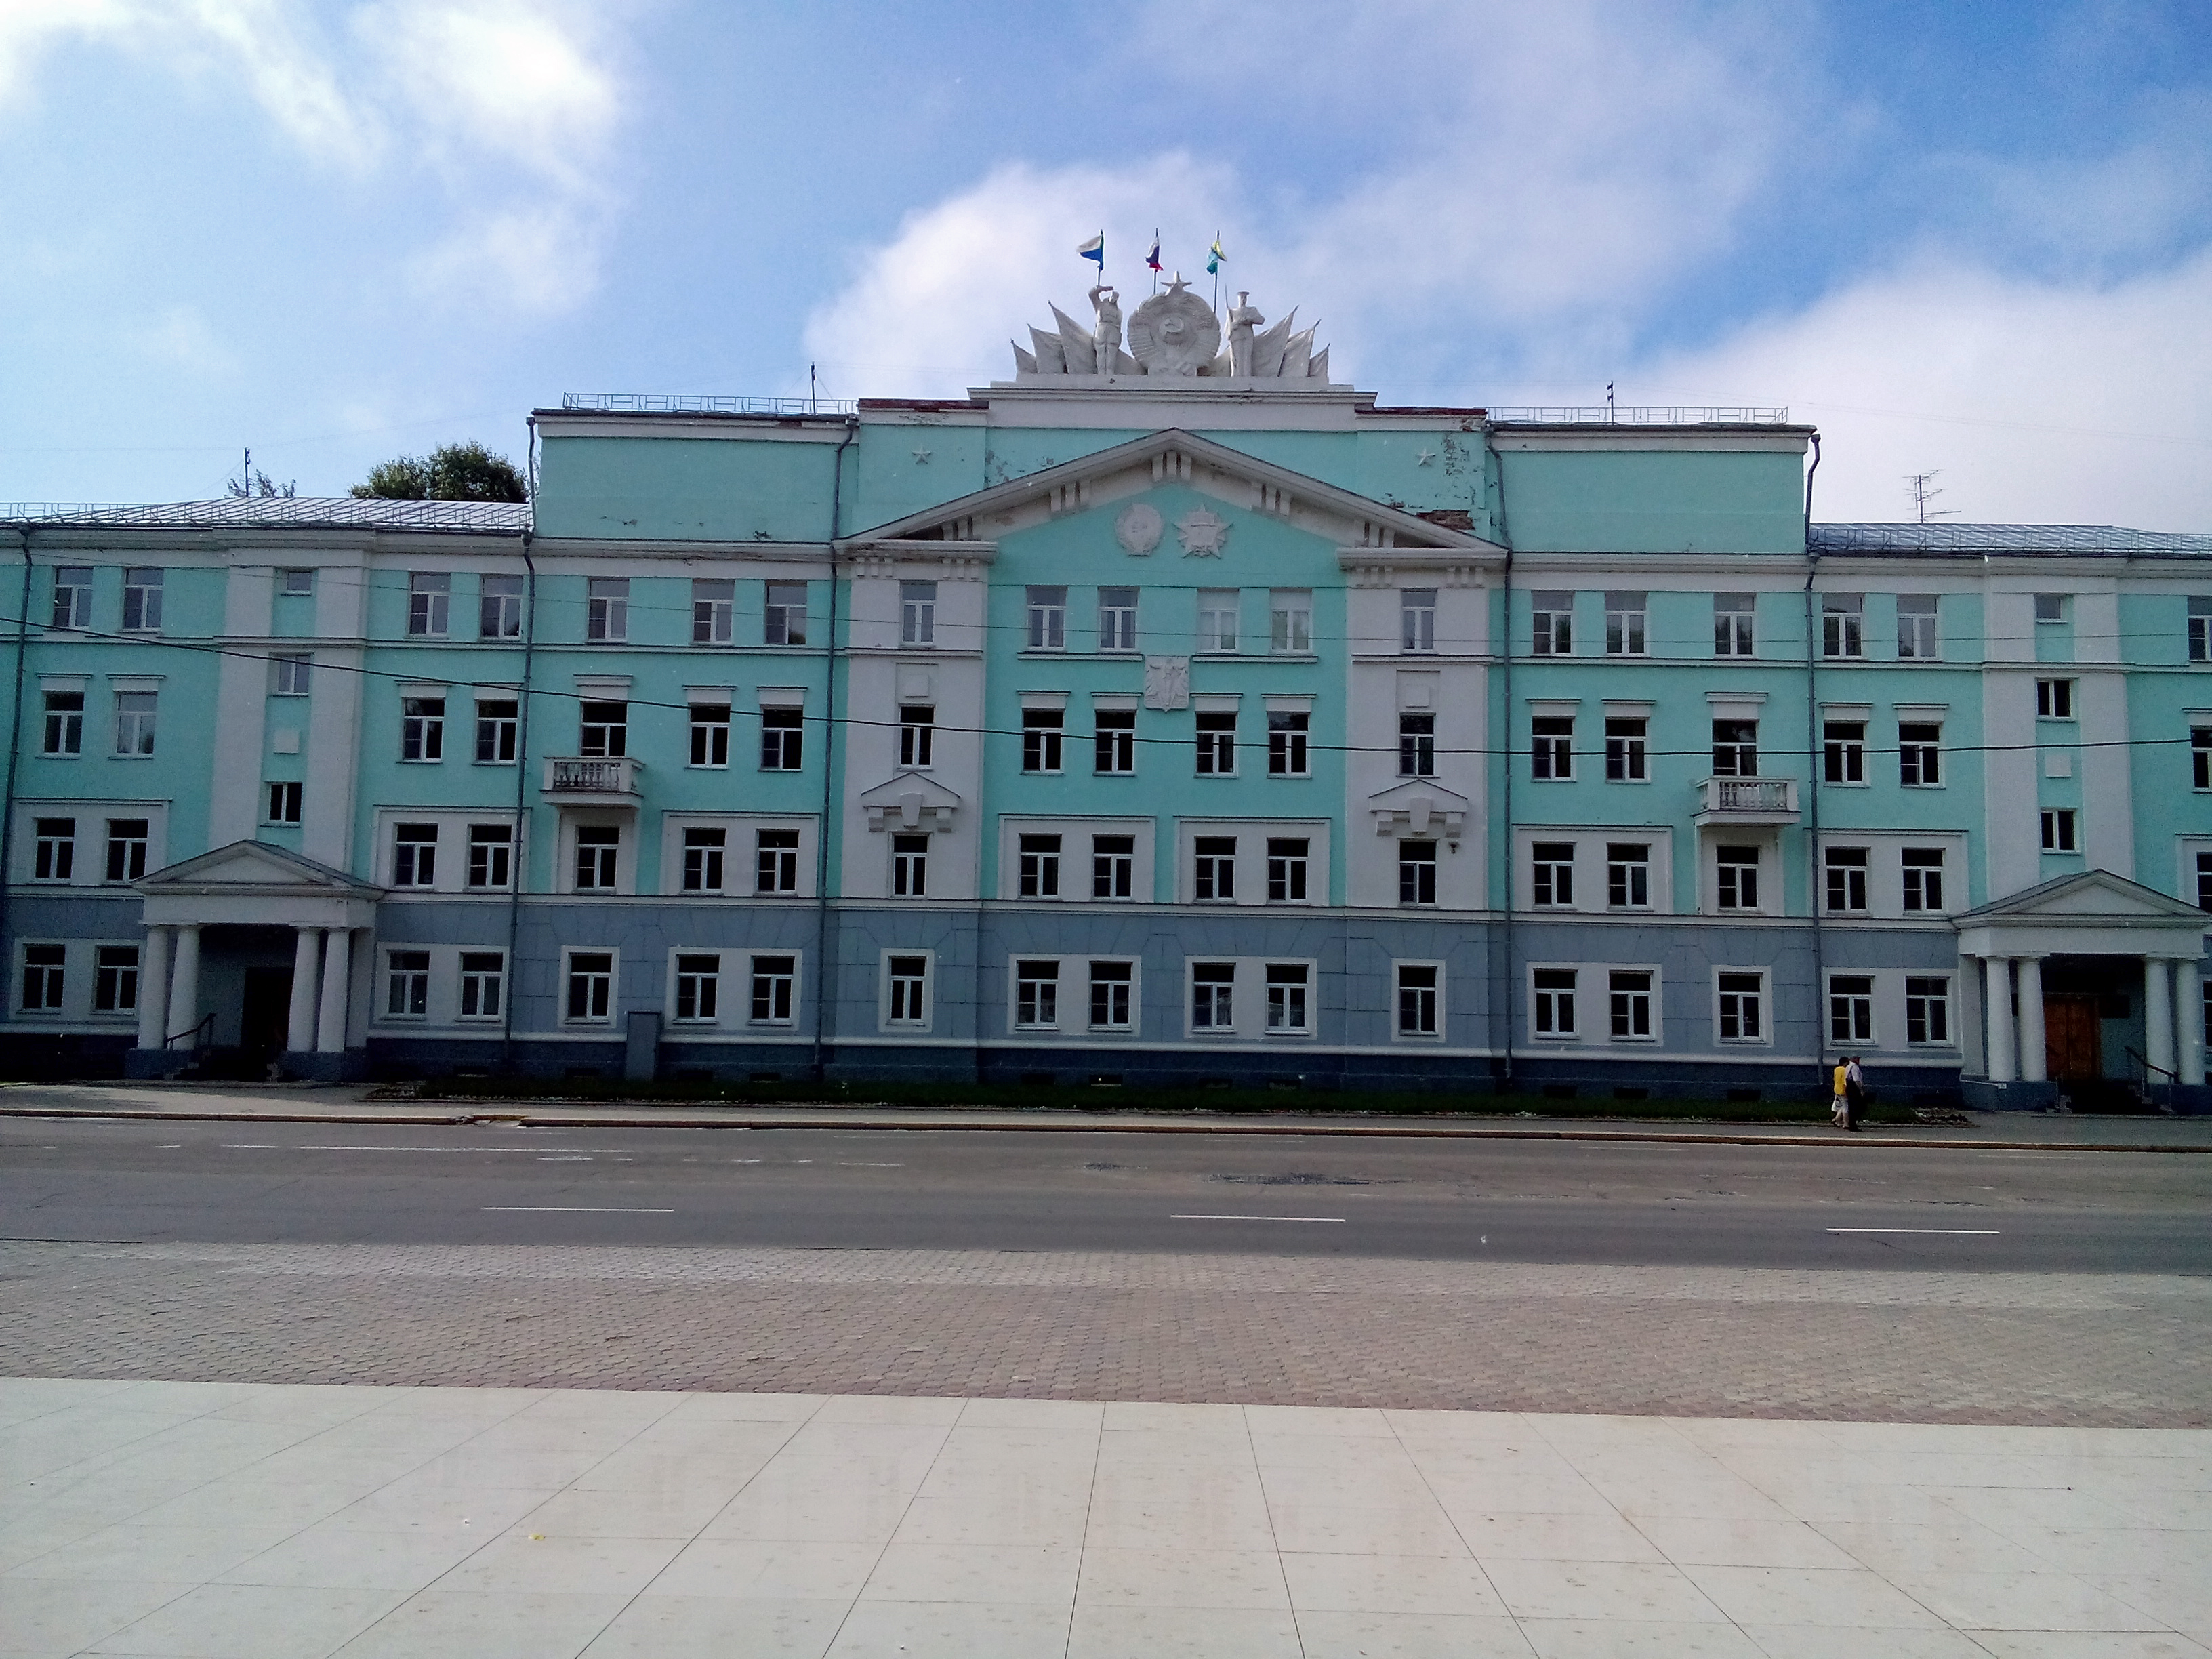 Завод горного машиностроения в Гагарин щековая дробилка чертеж в Уфа